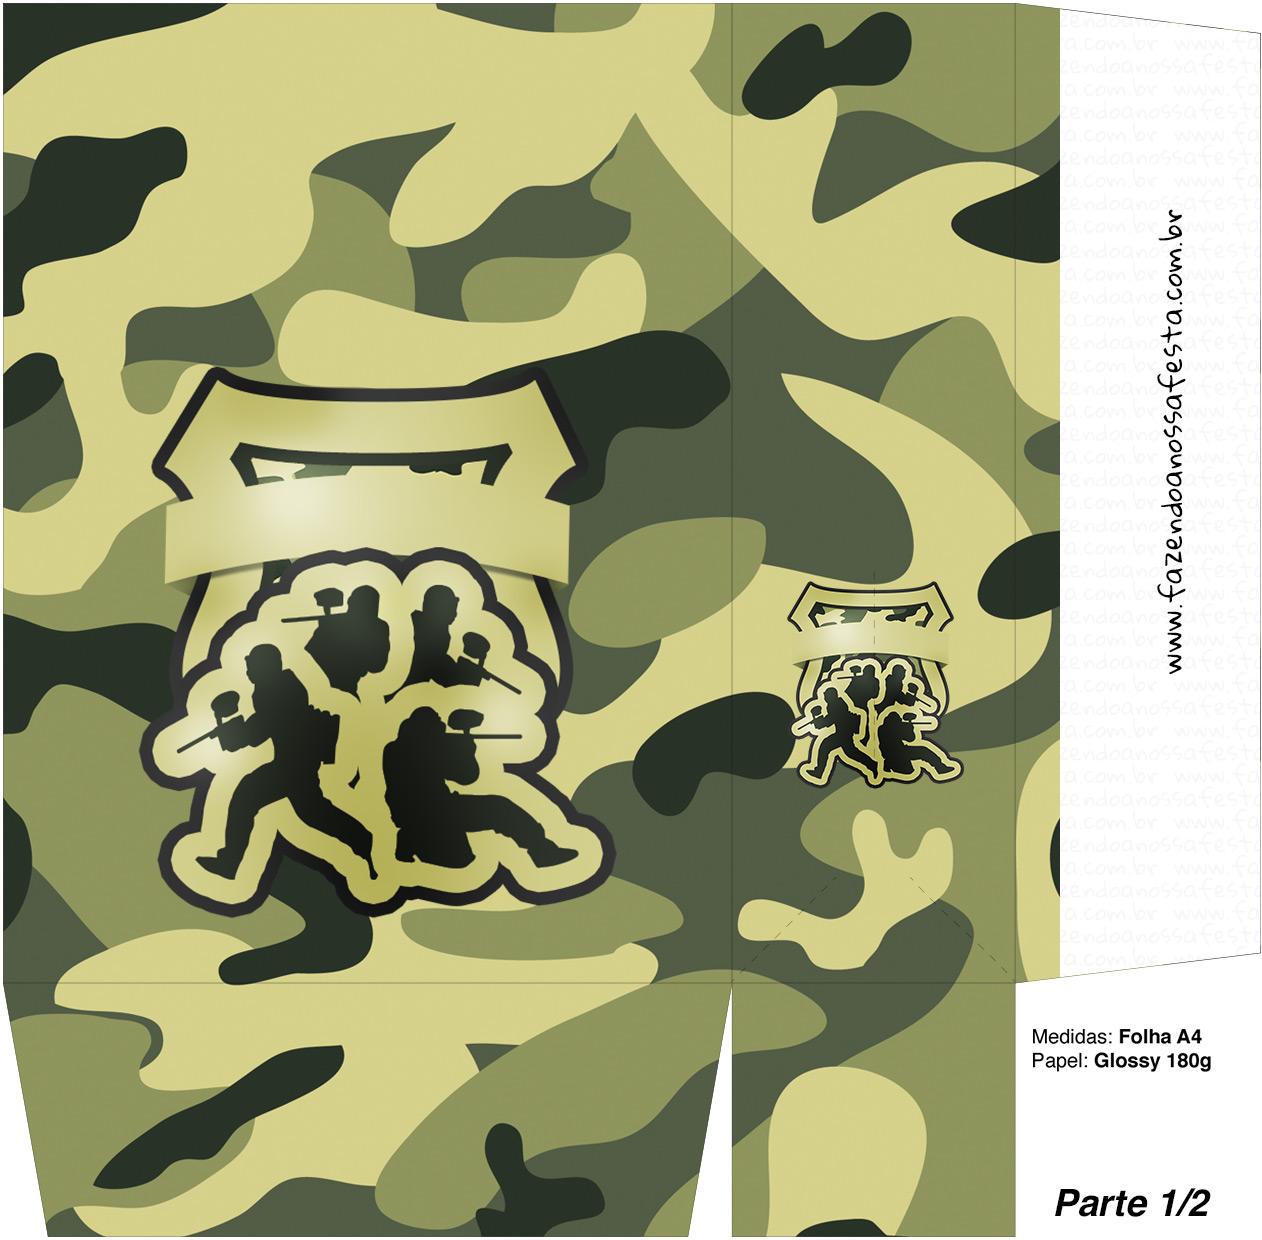 Sacolinha Surpresa Kit Militar Camuflado Parte 1